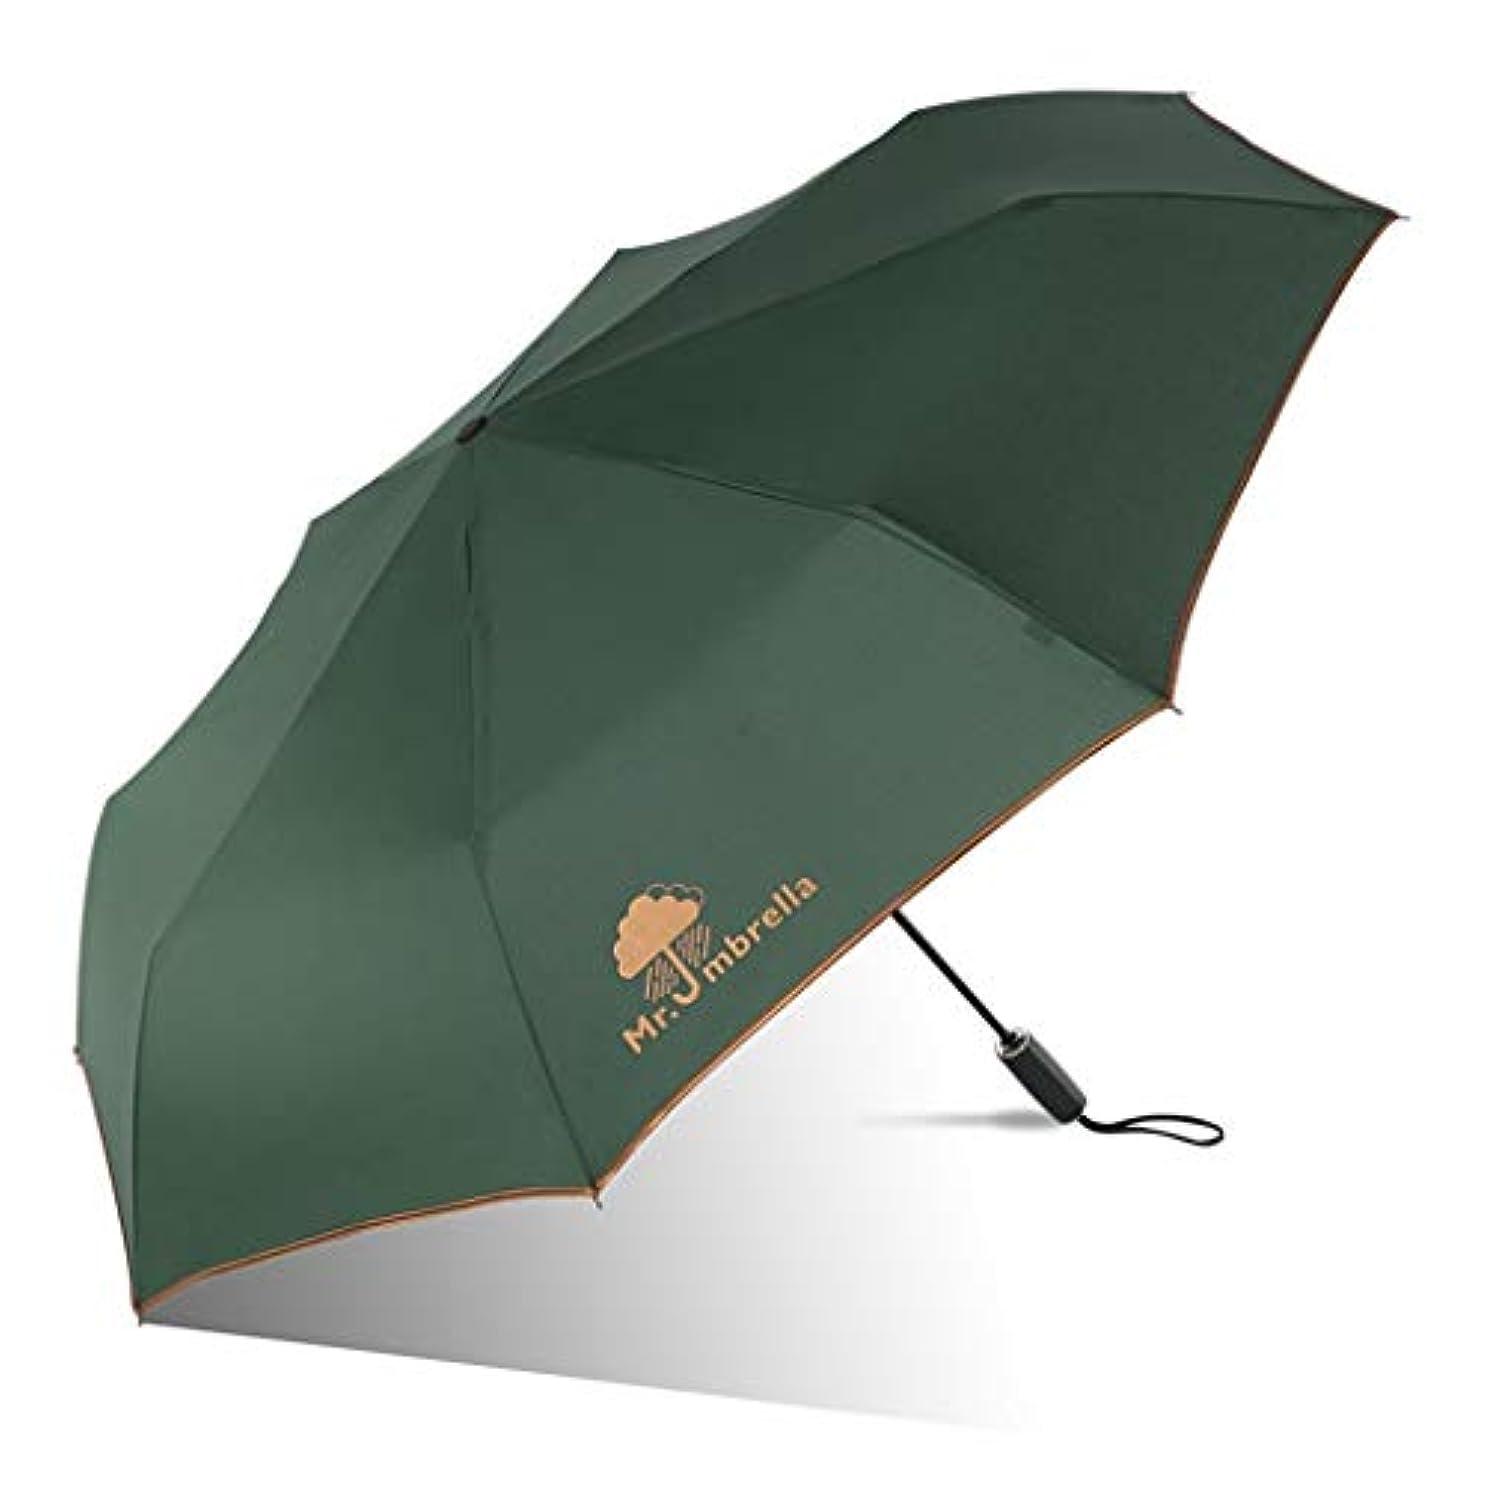 共同選択苦い耐える日傘、自動開閉開閉トラベル傘強化換気と防風フレームポータブルコンパクト折りたたみ式軽量設計と高風抵抗(青) (Color : Green, Size : L)